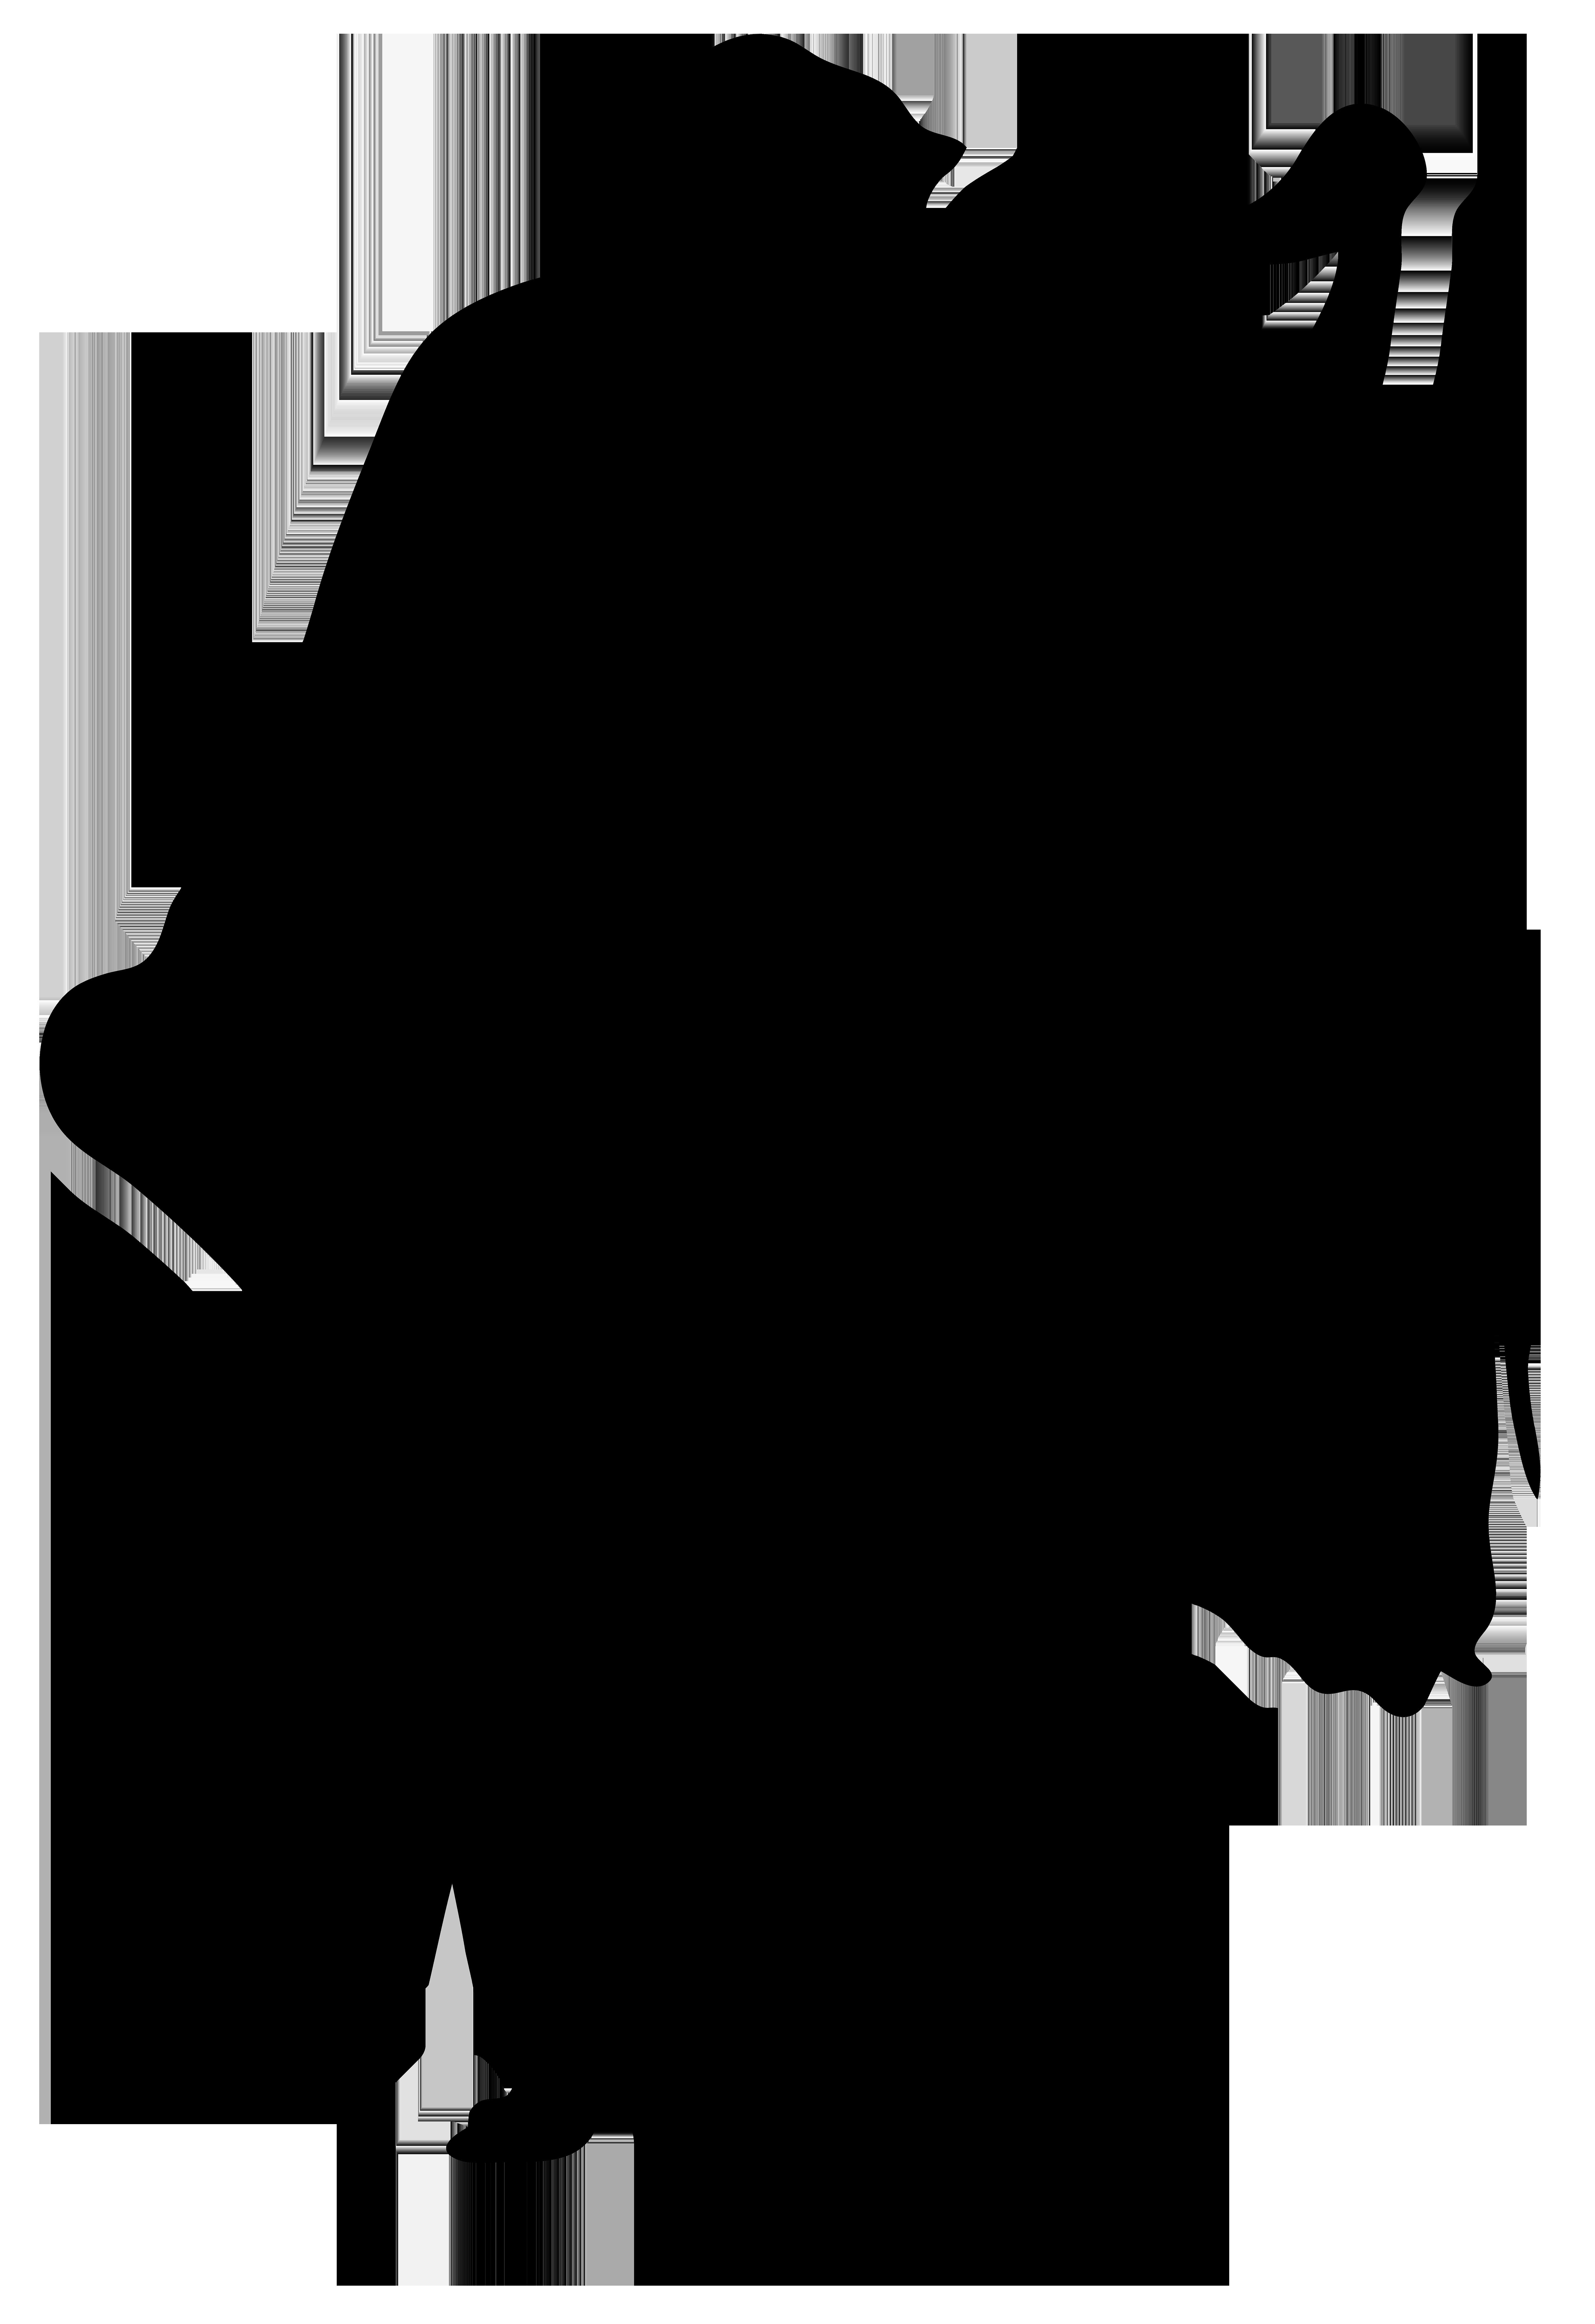 5490x8000 Romantic Dancers Silhouette Png Transparent Clip Art Image